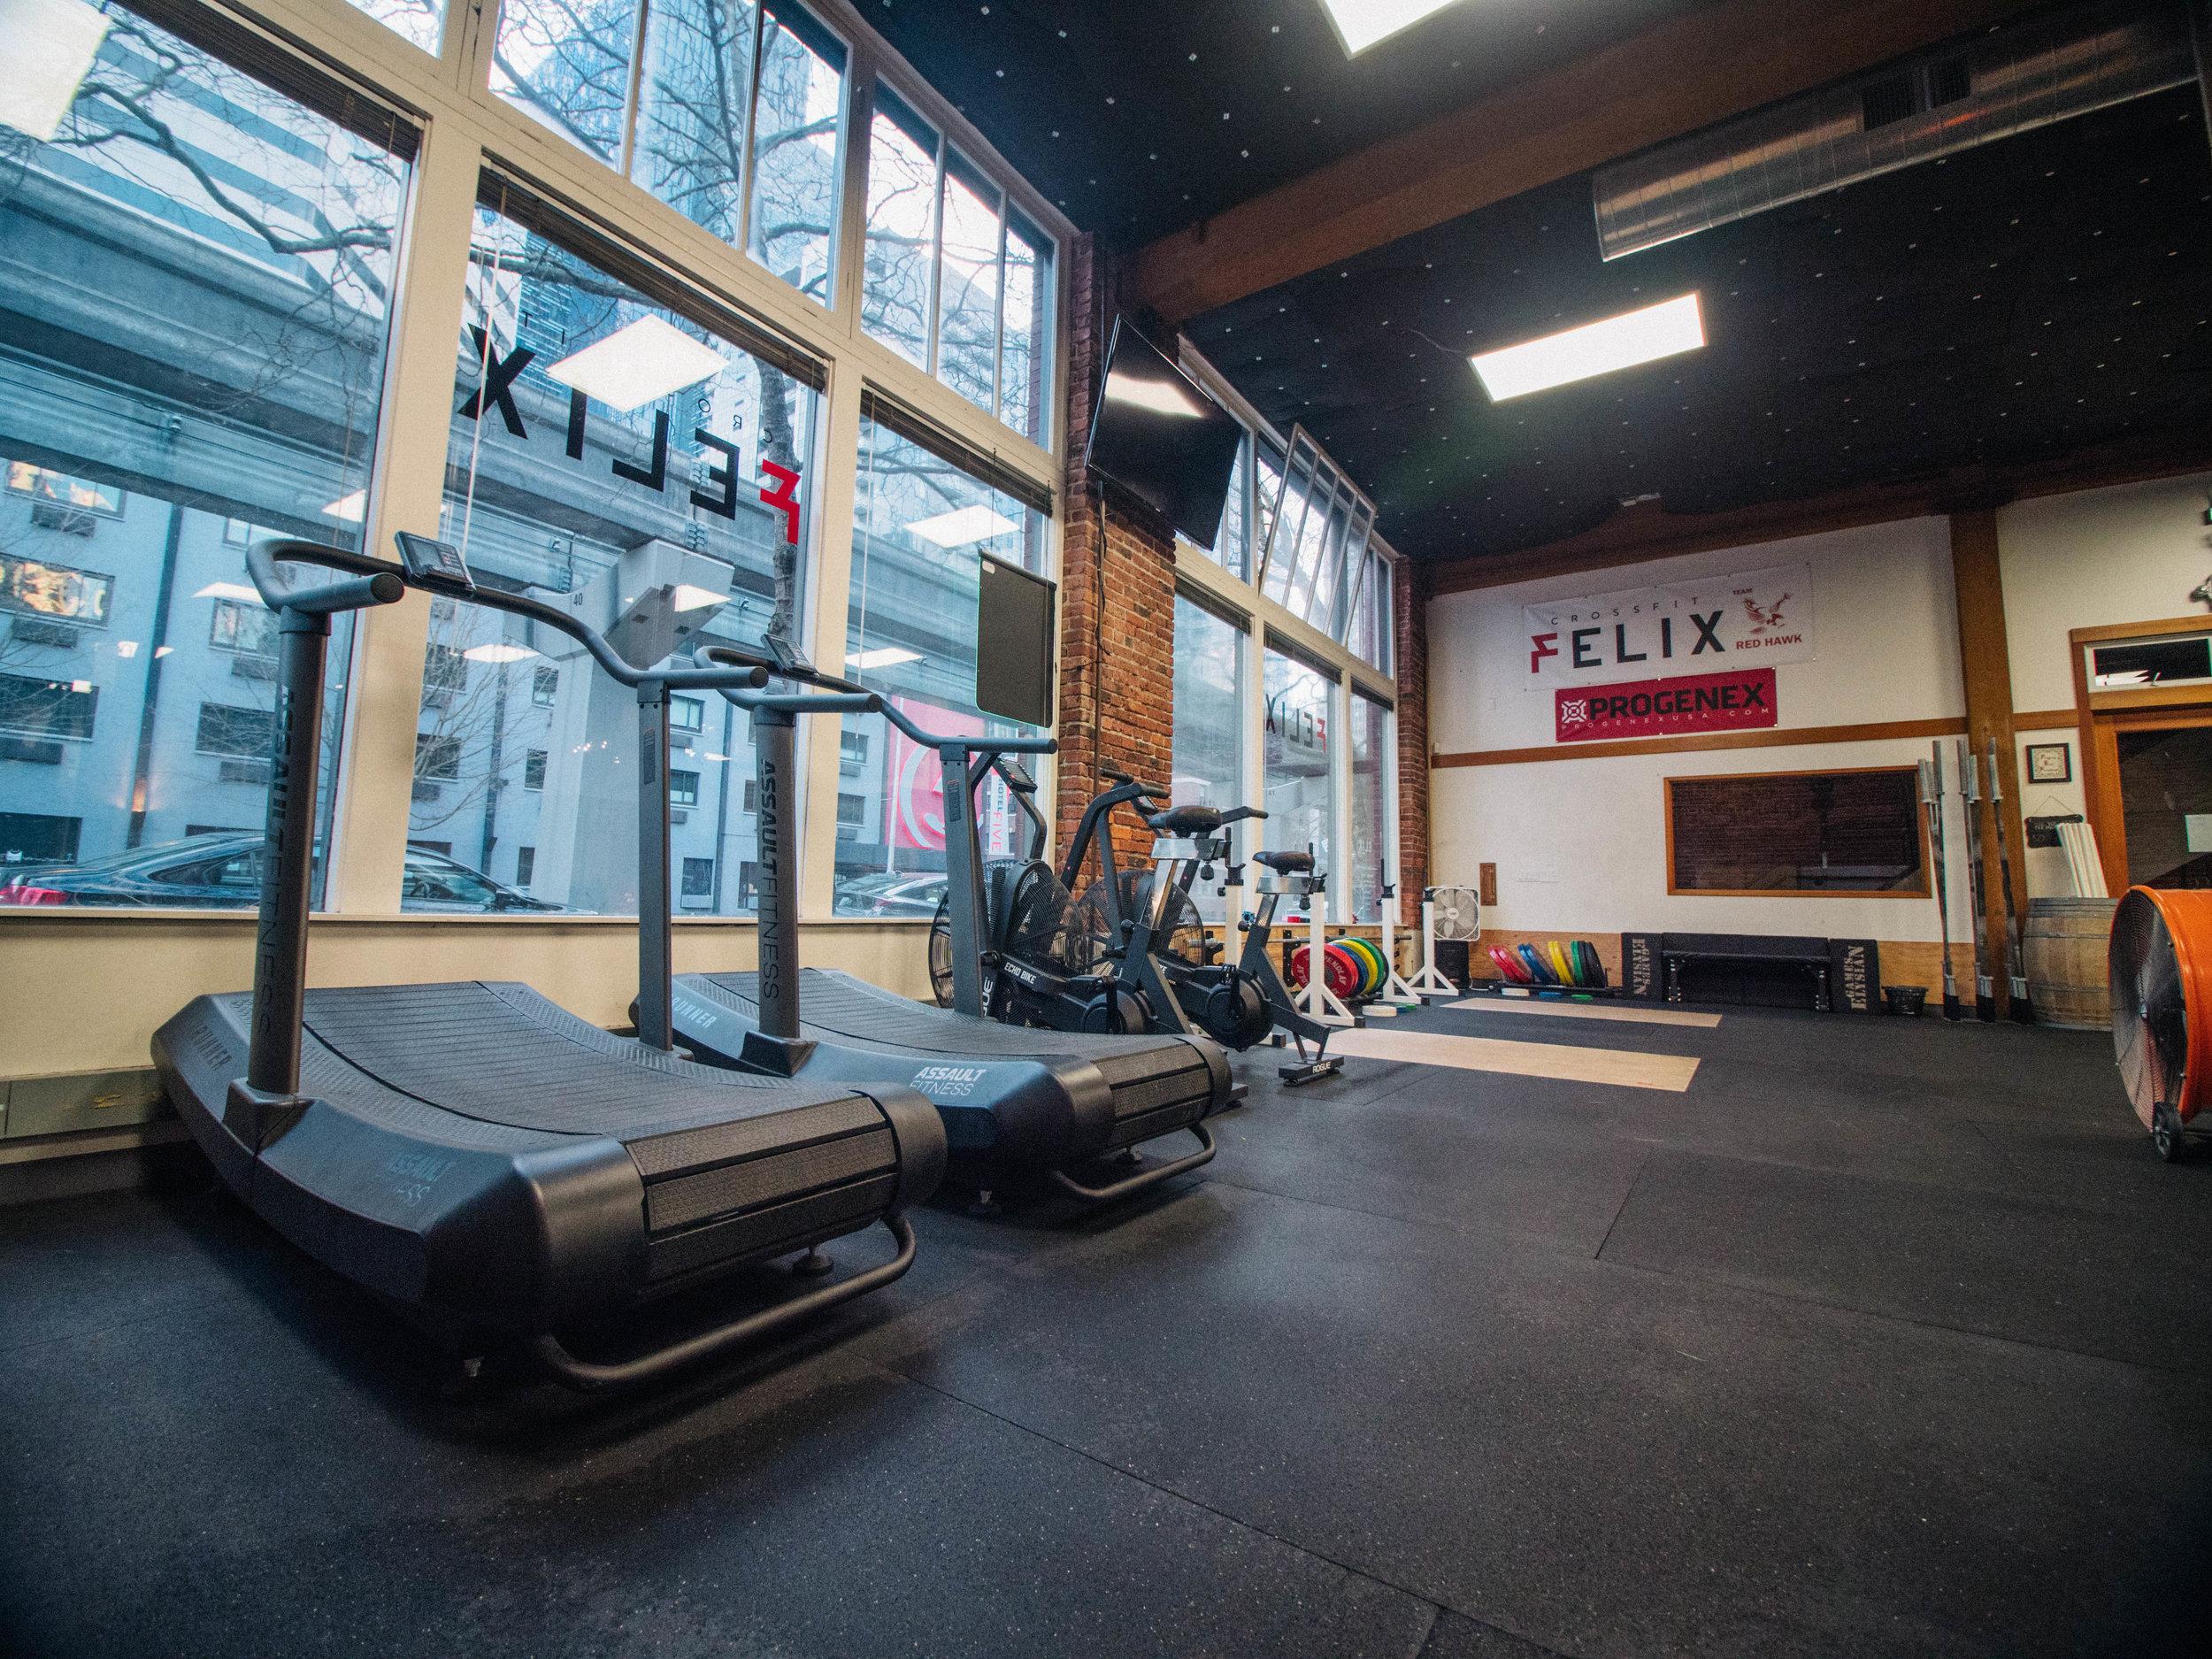 CrossFit-Felix-1155429.jpg